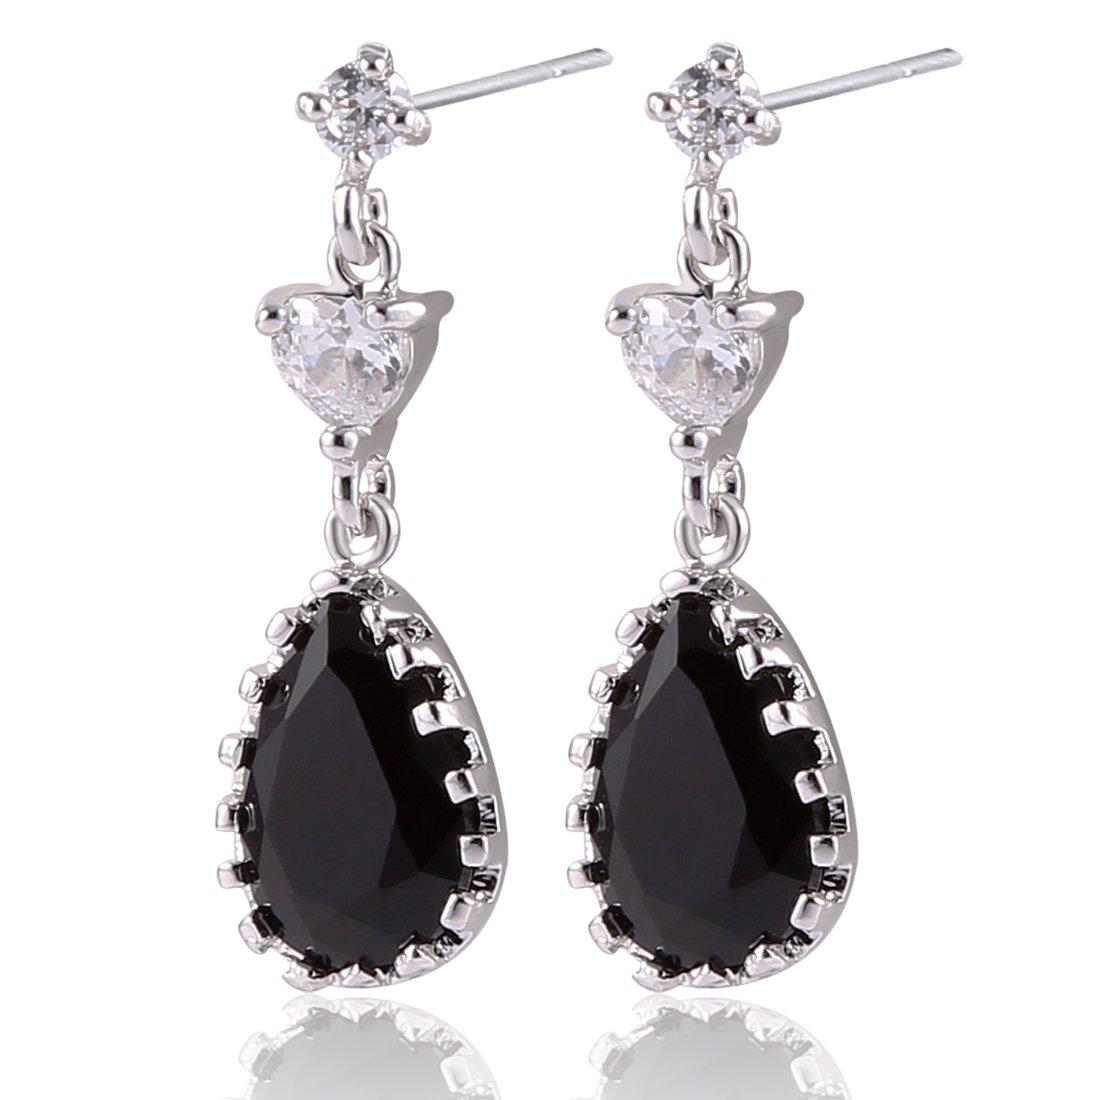 GULICX Party Teardrop Love Heart Crystal Zircon Pierced Black Drop Dangle Earrings Silver Tone